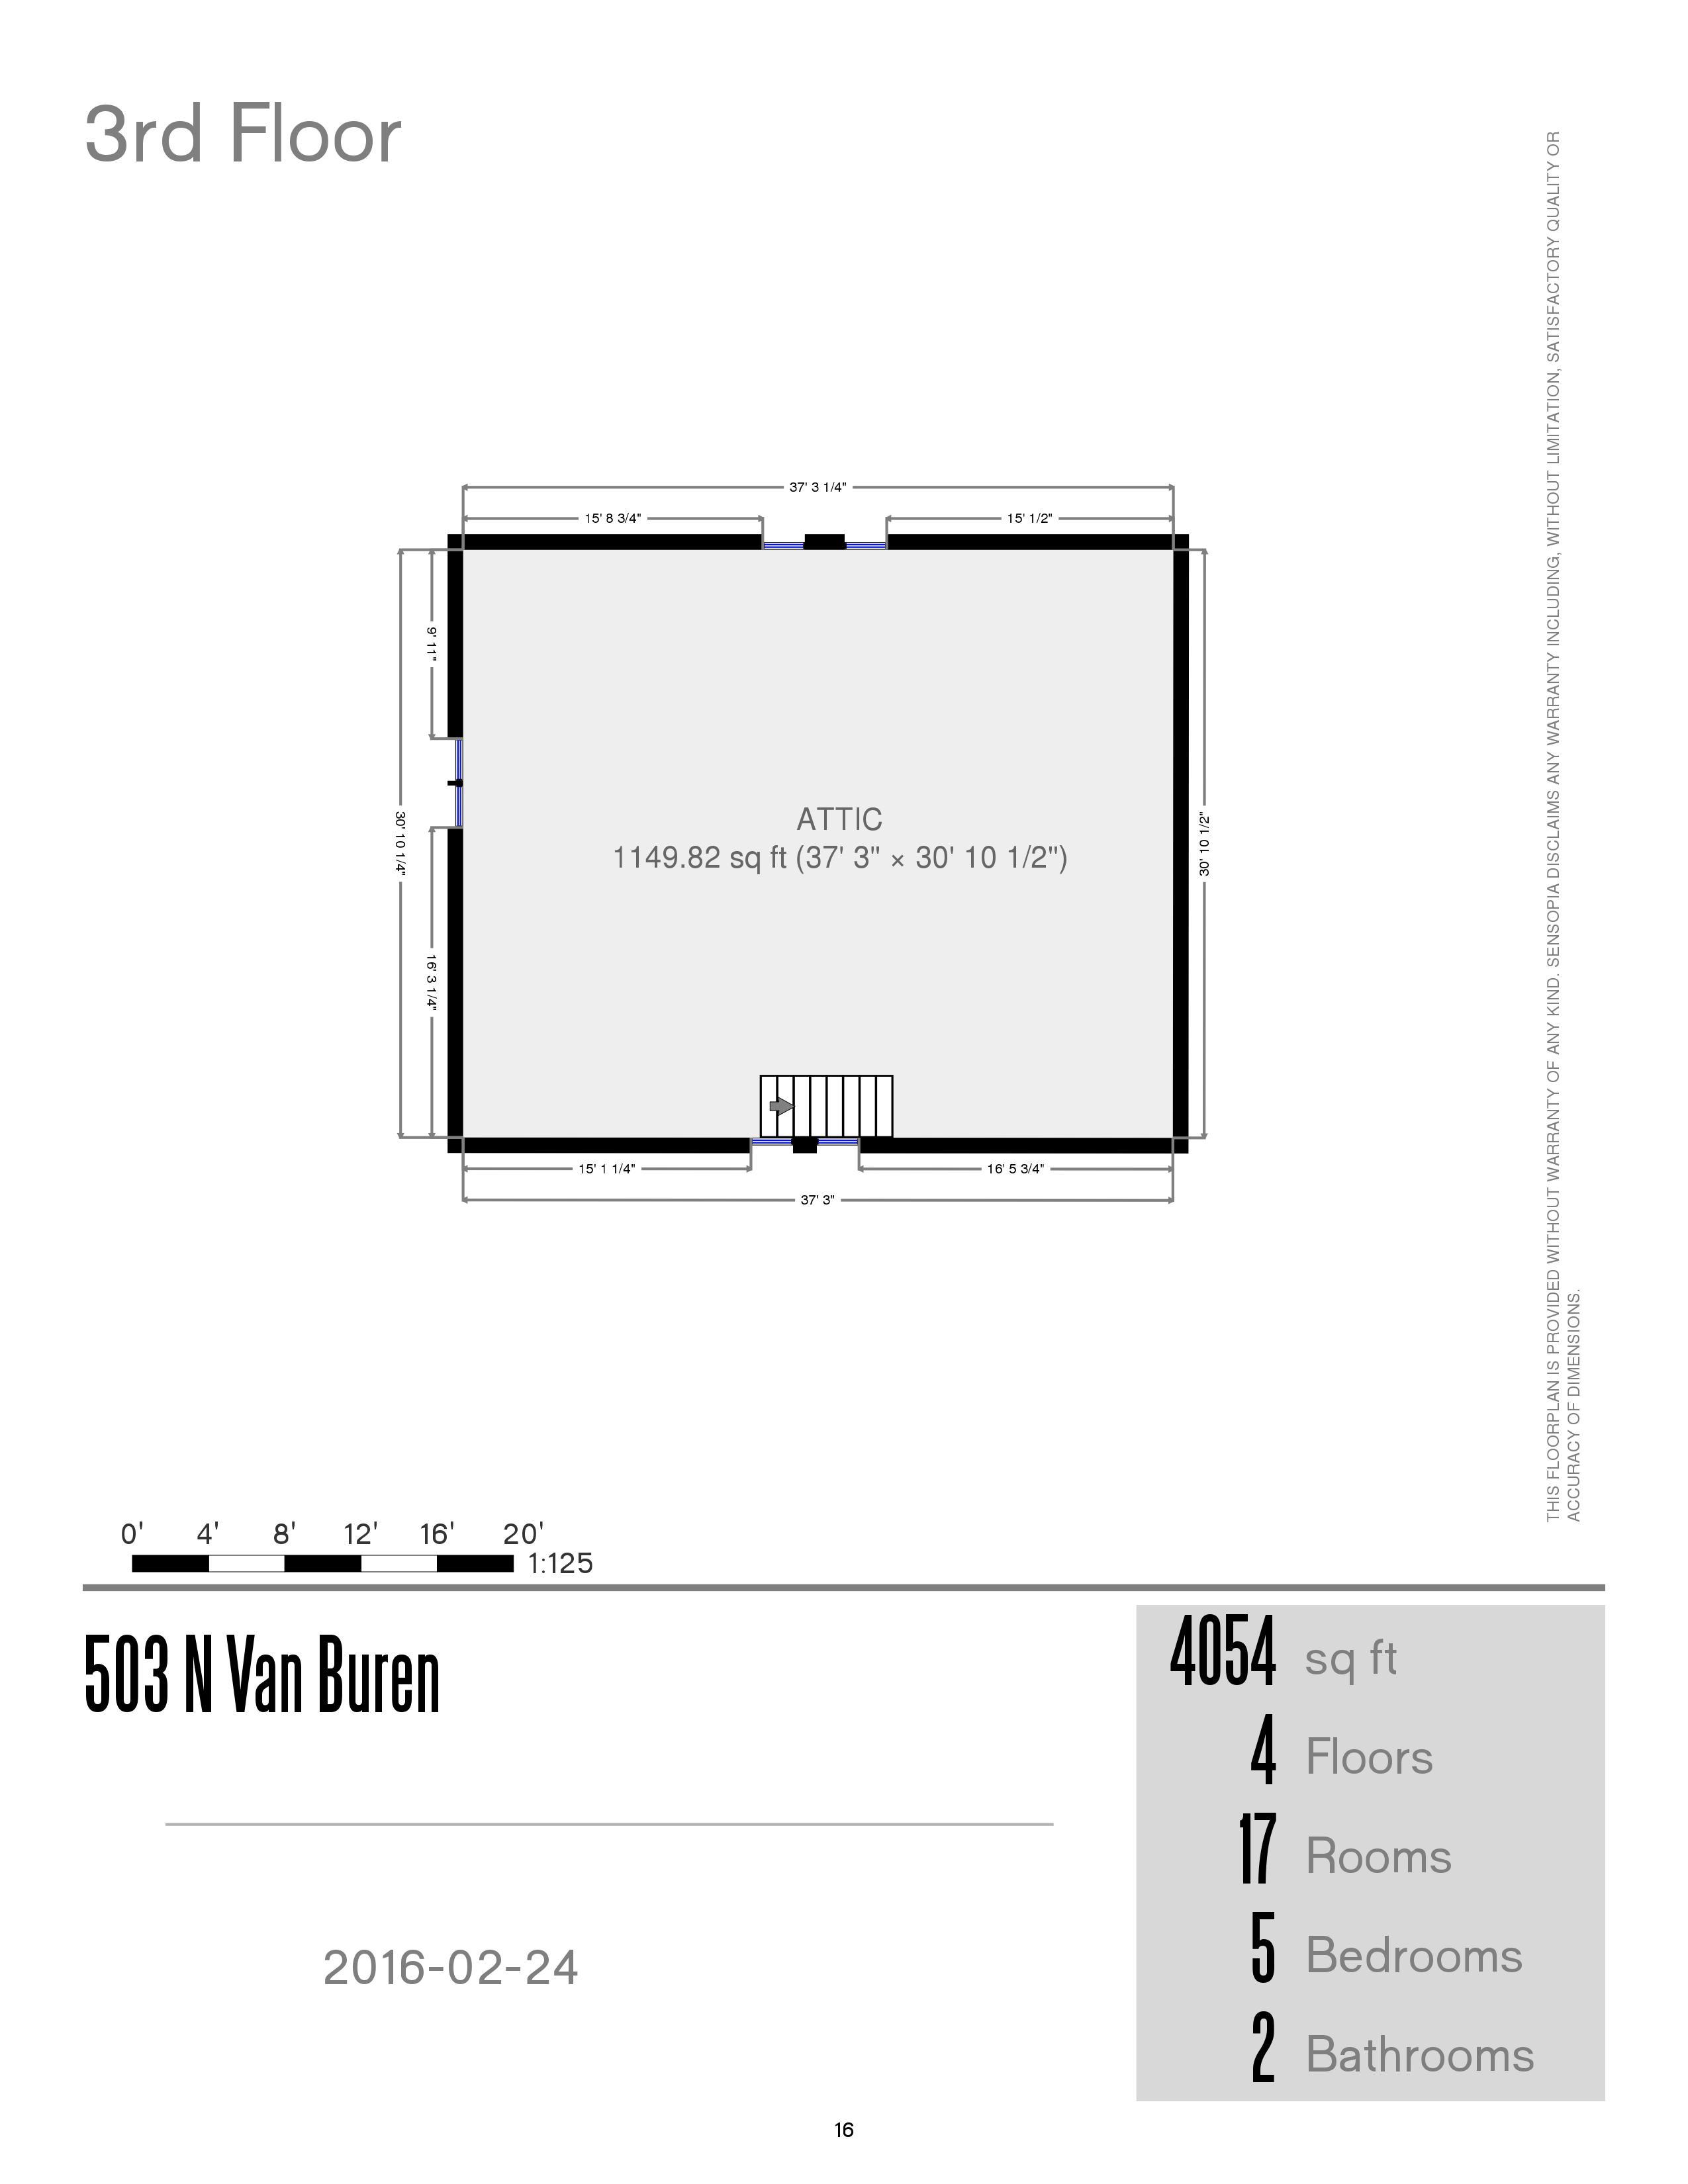 Van Buren St Floor Plans on North Avenue Apartments Floor Plan